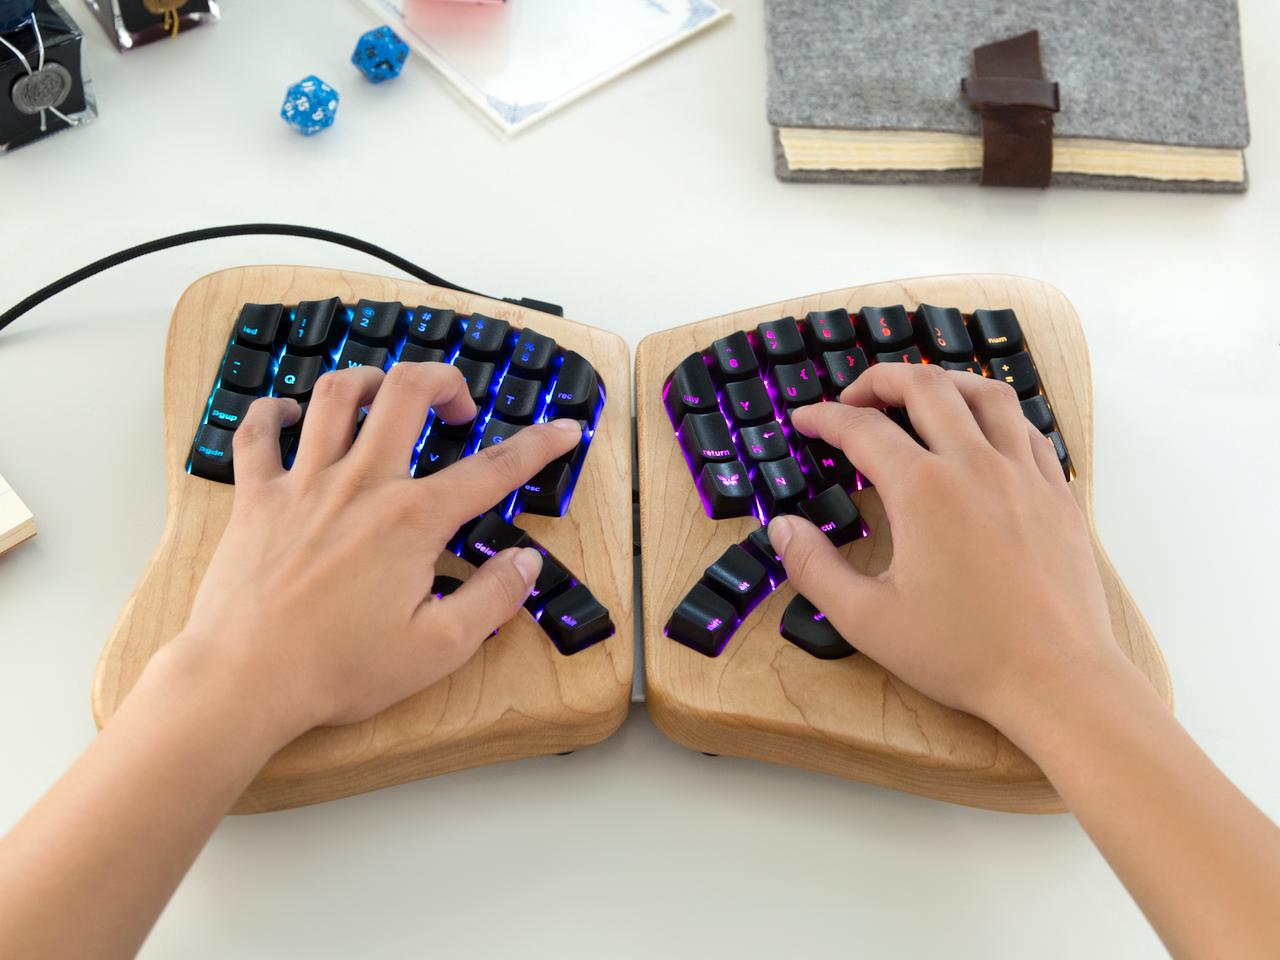 Ergonomic Keyboard Makes Typing a Customizable Breeze